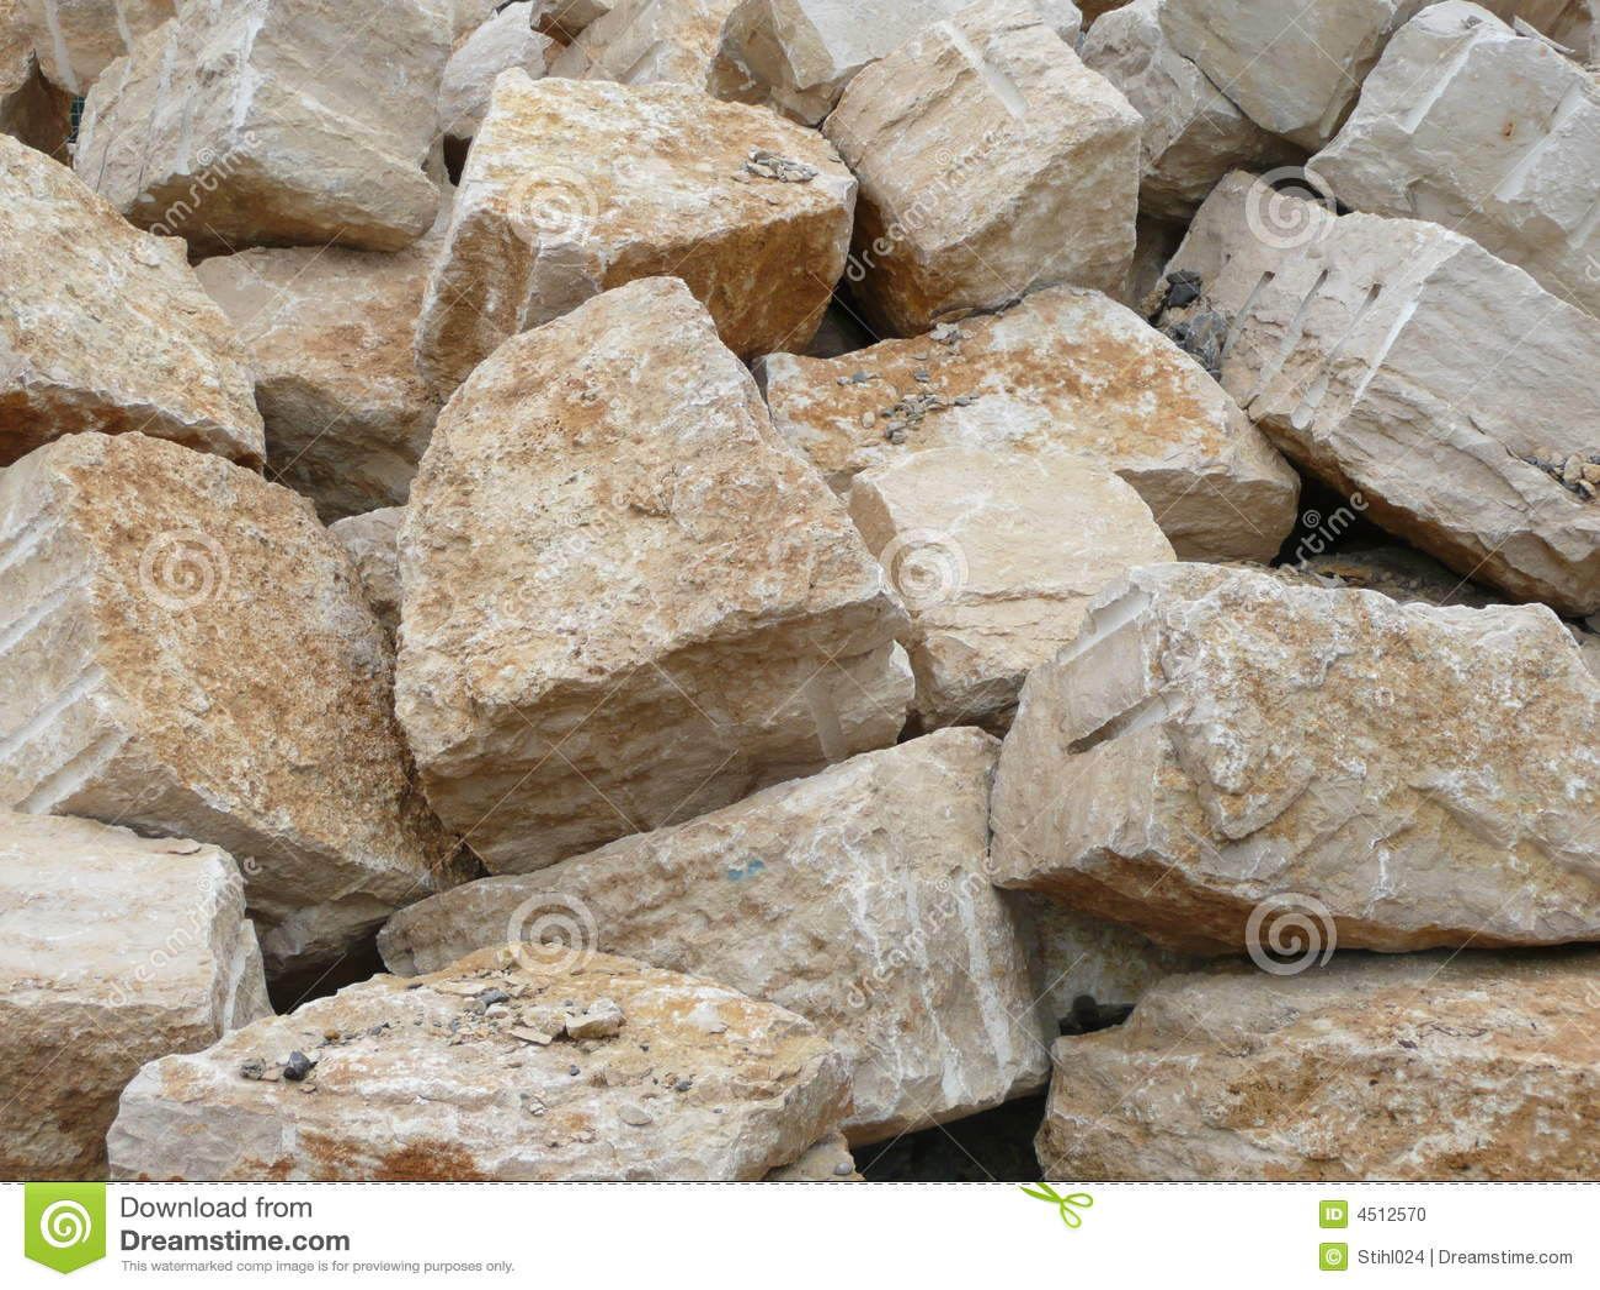 Rocas grandes de la piedra caliza foto de archivo imagen de marr n limestone 4512570 - Piedra caliza precio ...